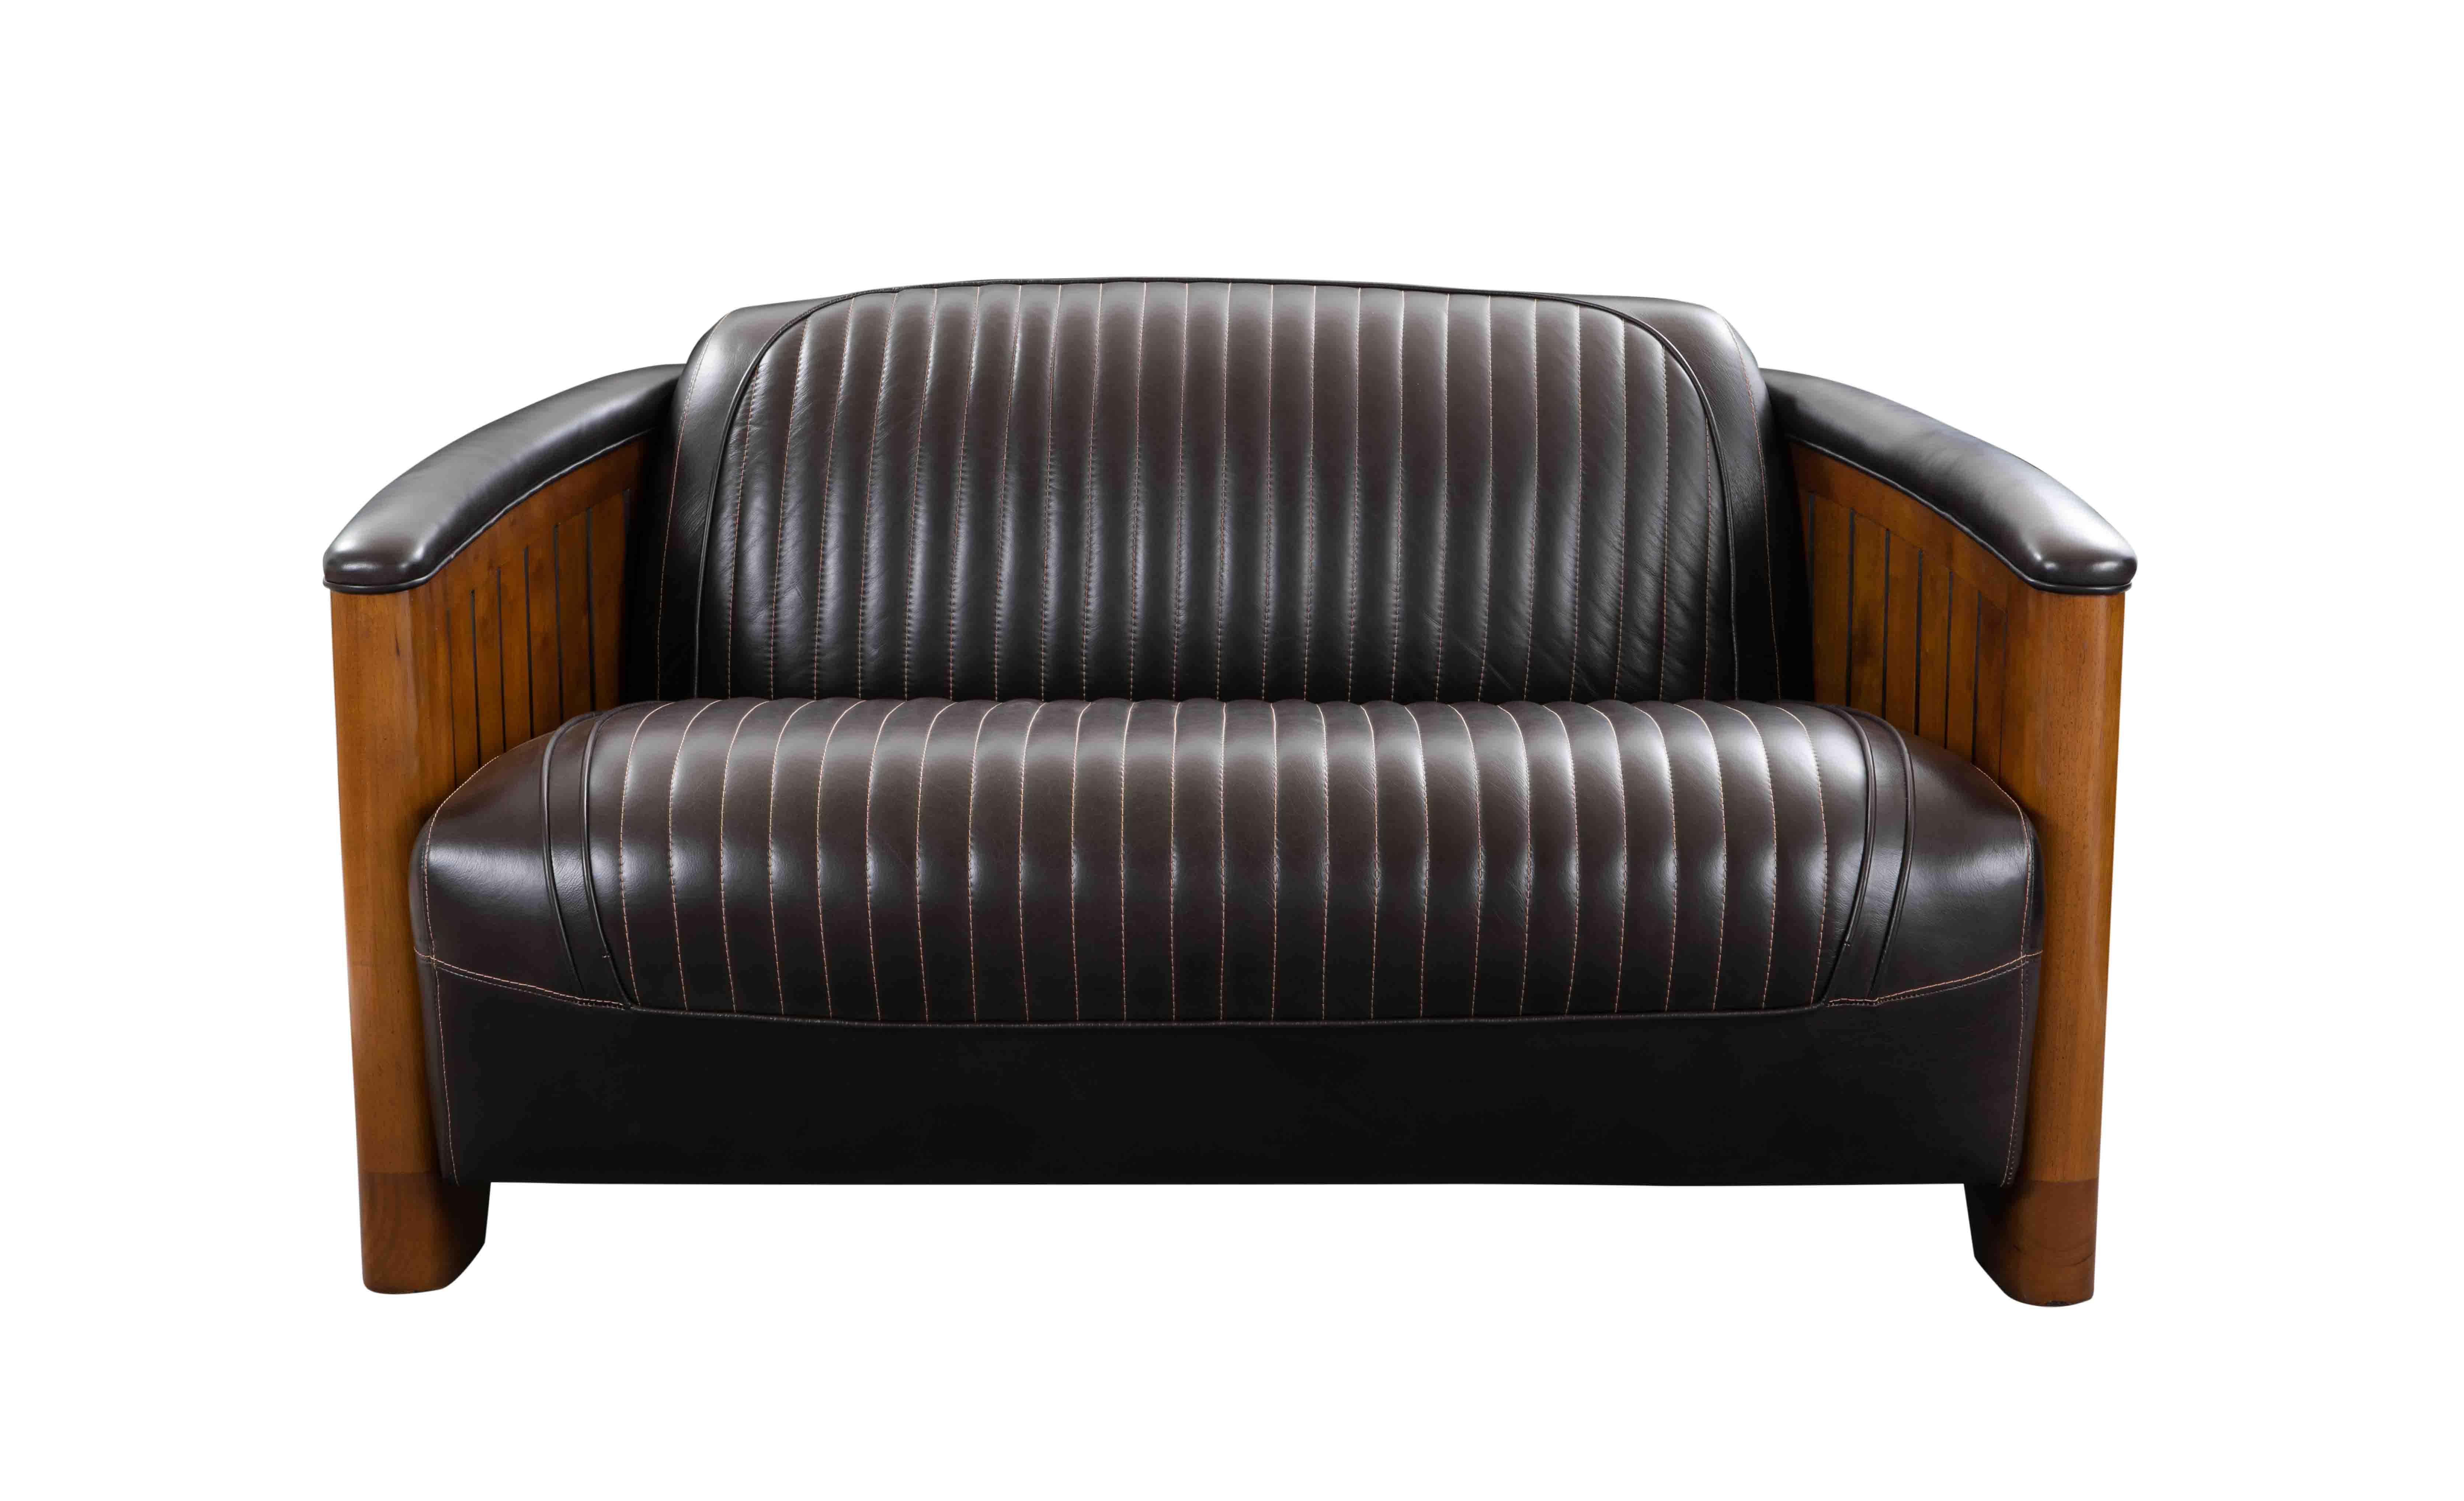 canapé bois cuir noir